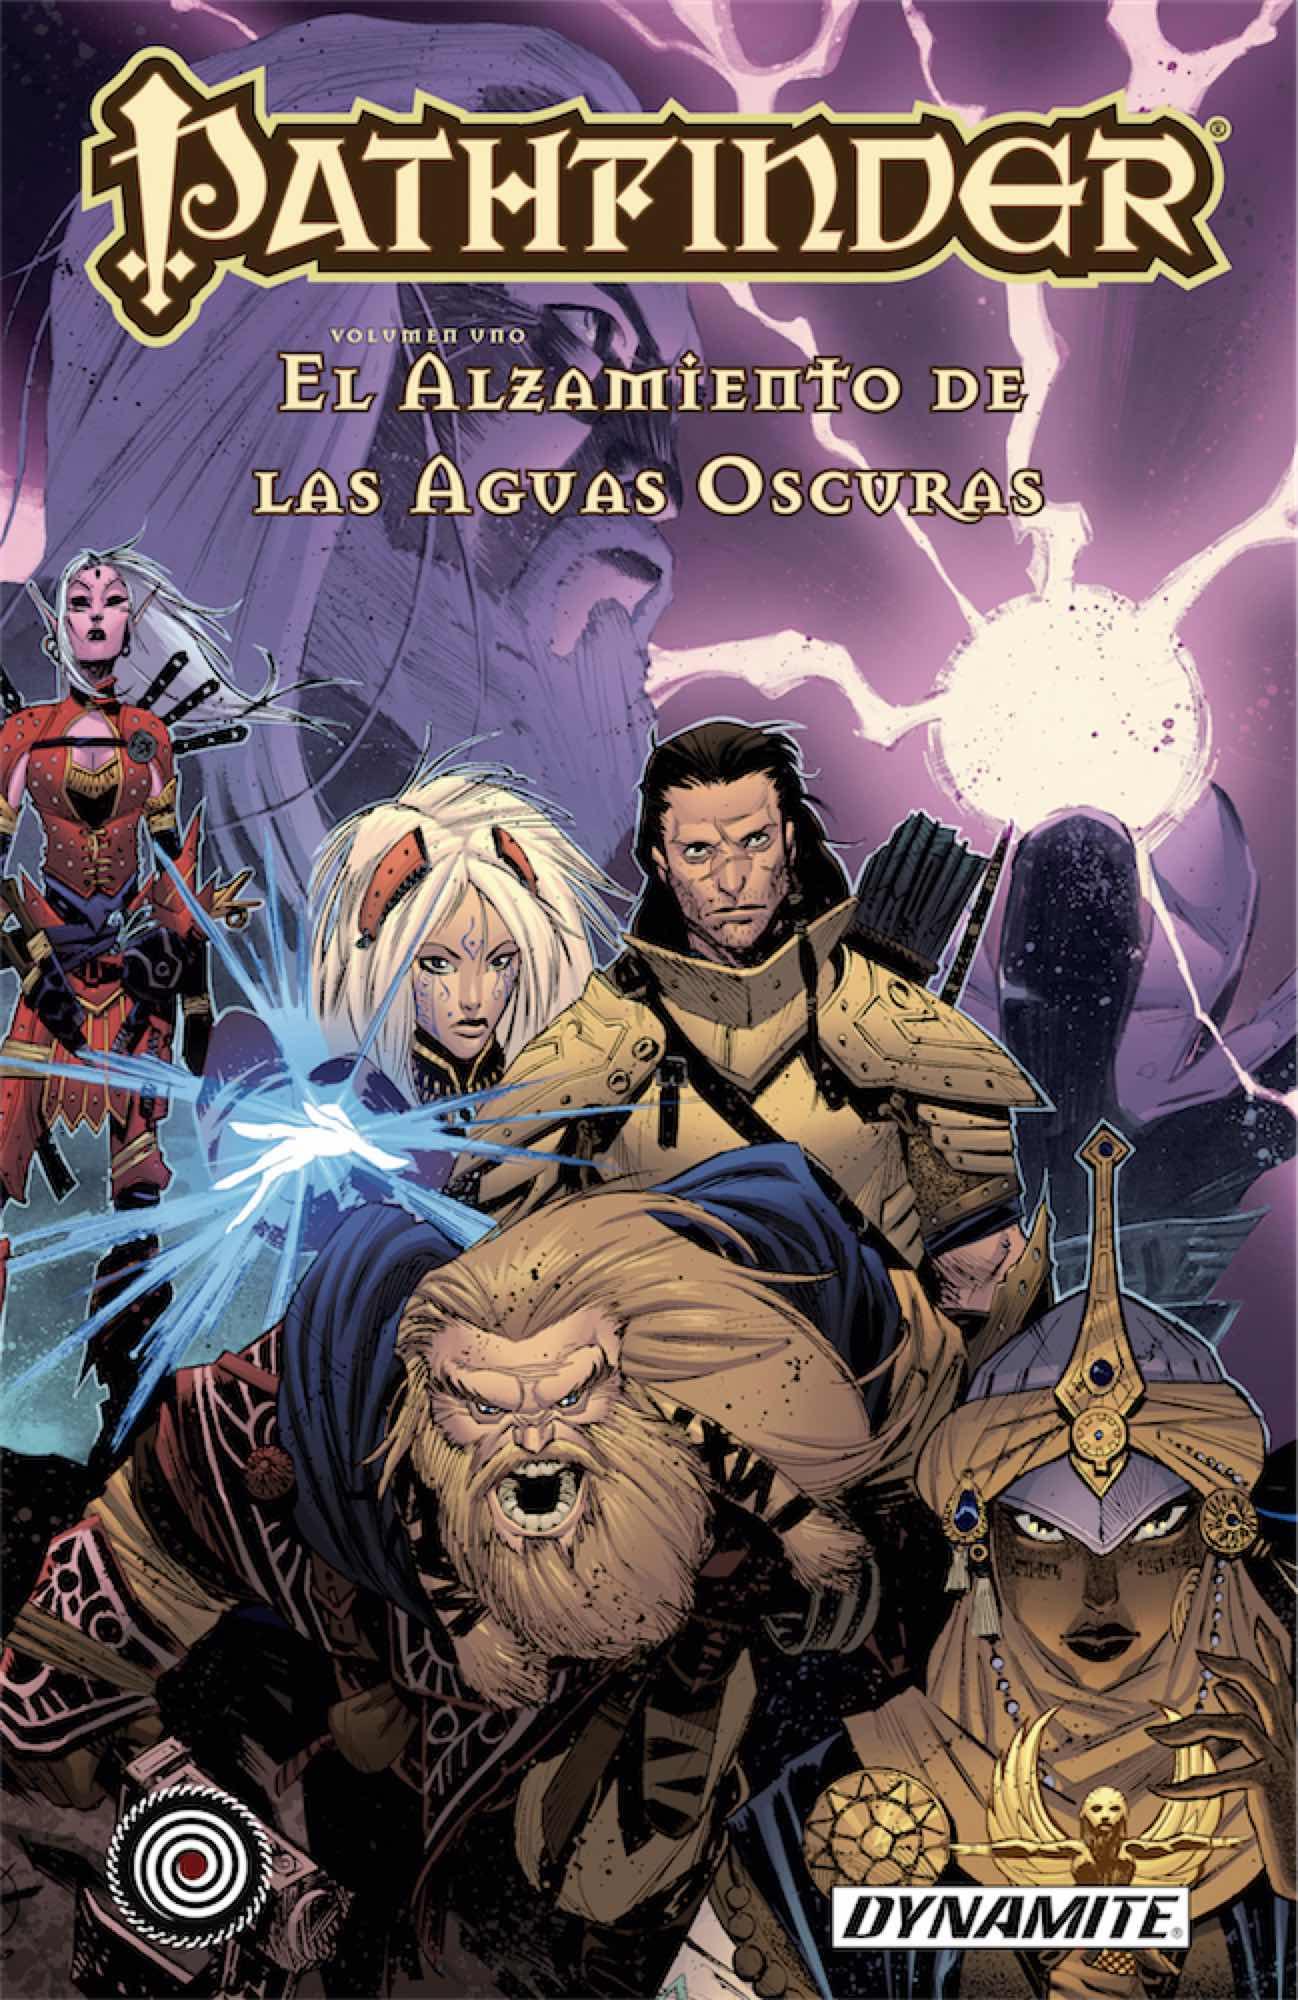 PATHFINDER 01. EL ALZAMIENTO DE LAS AGUAS OSCURAS